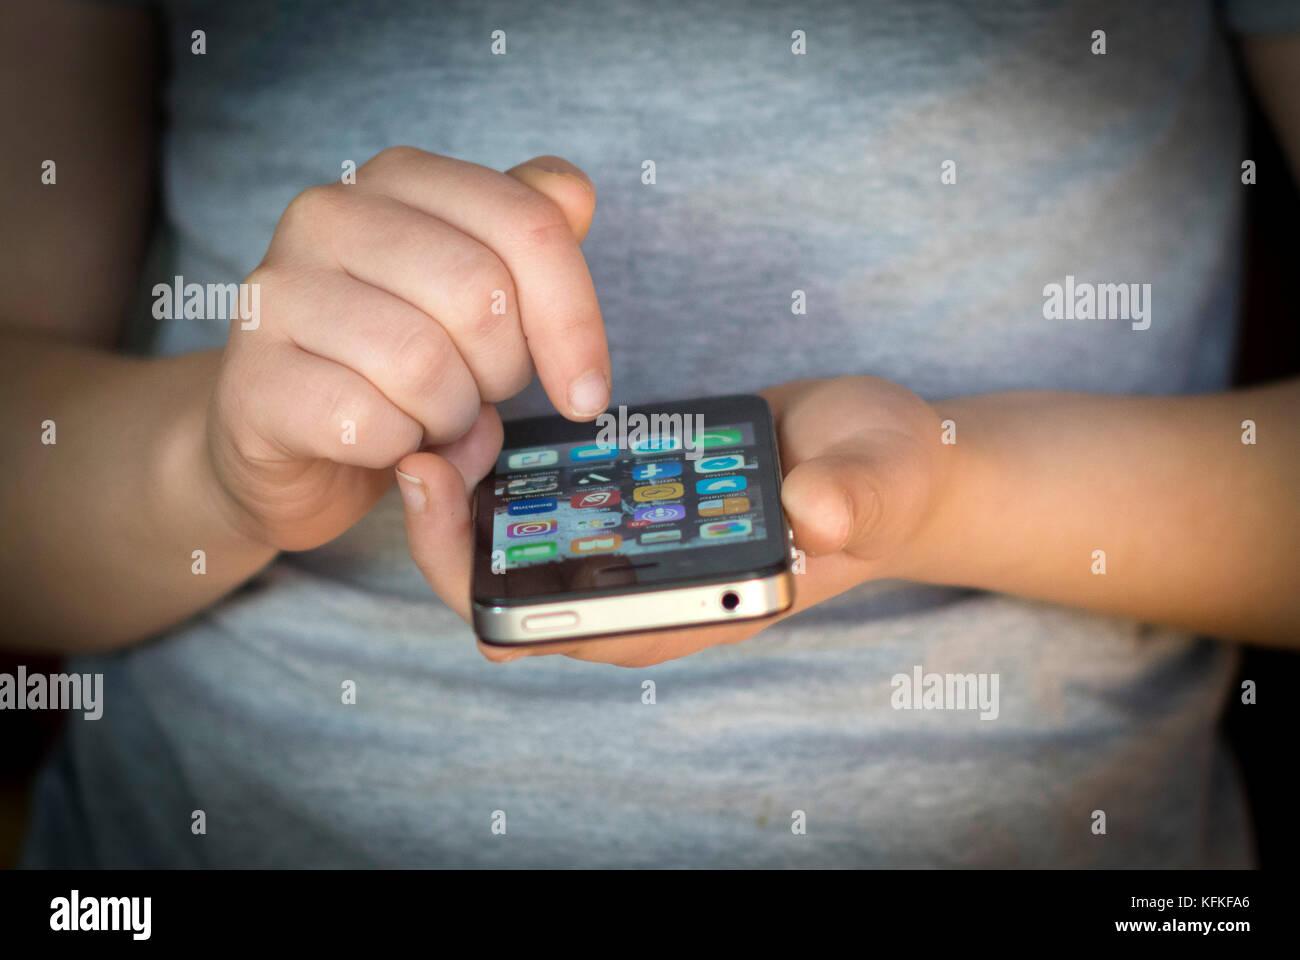 Junges Mädchen mit einem Smart Phone. Stockbild